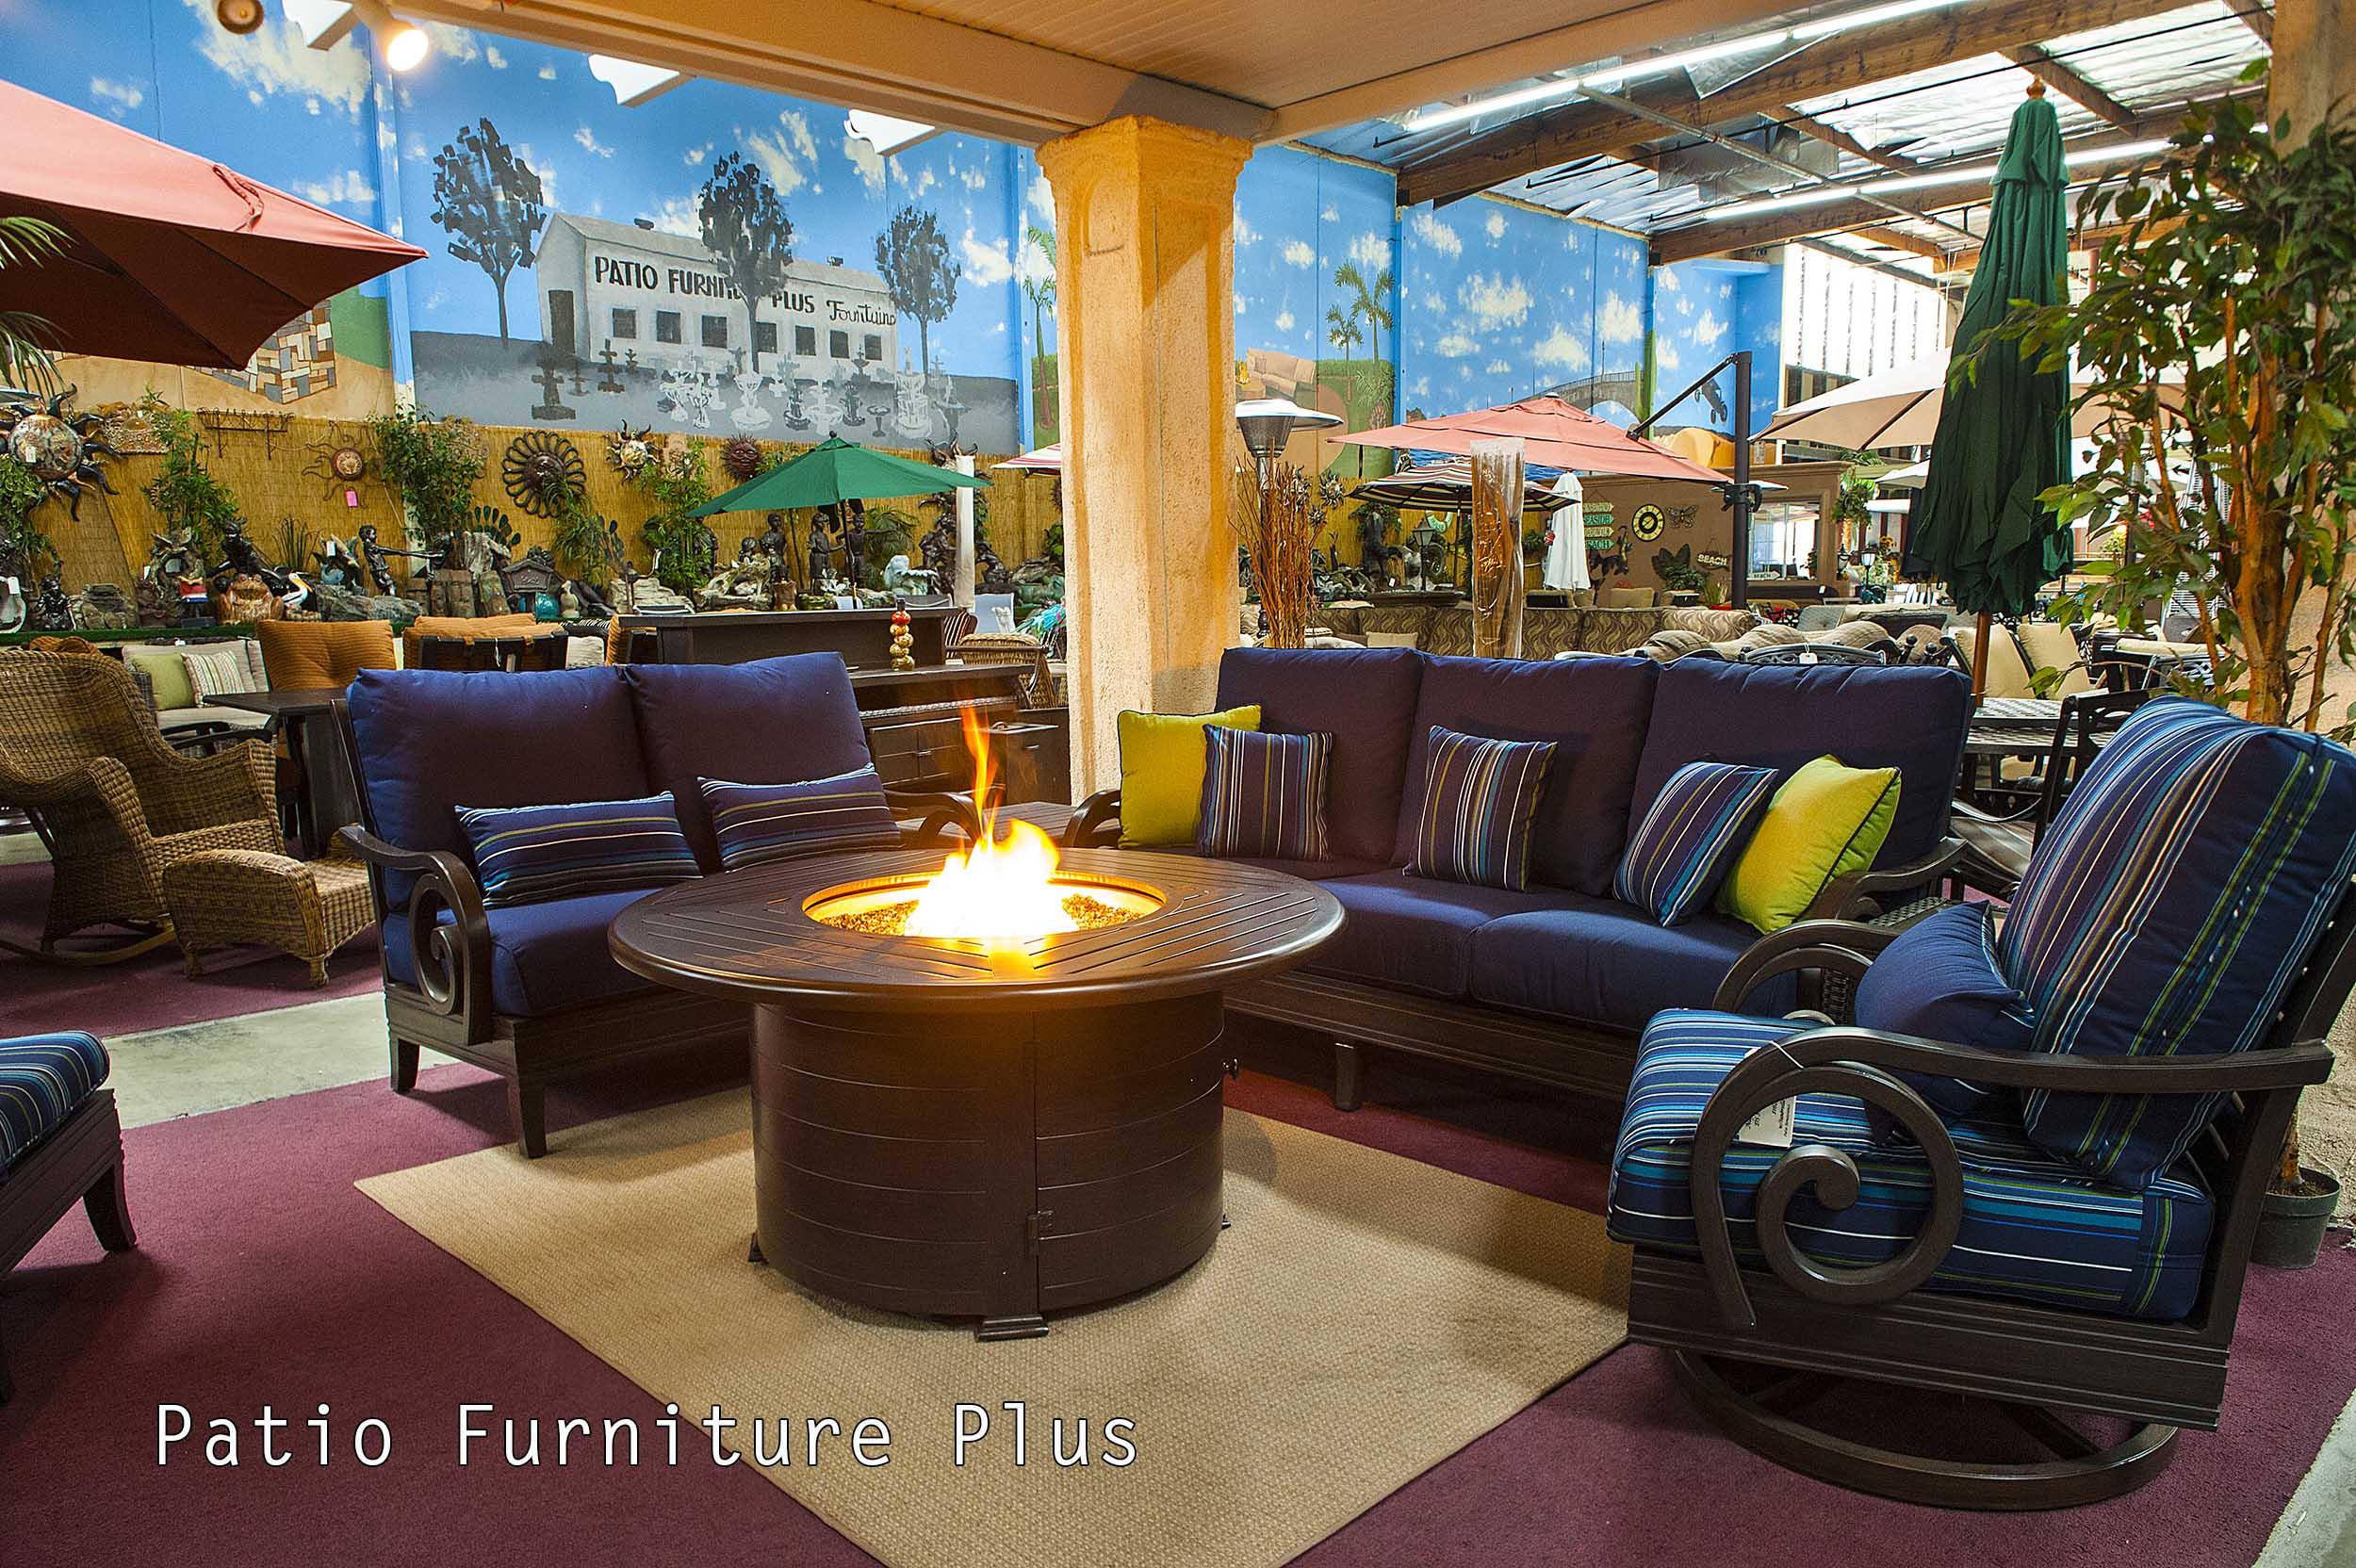 Patio Furniture Plus - Ontario